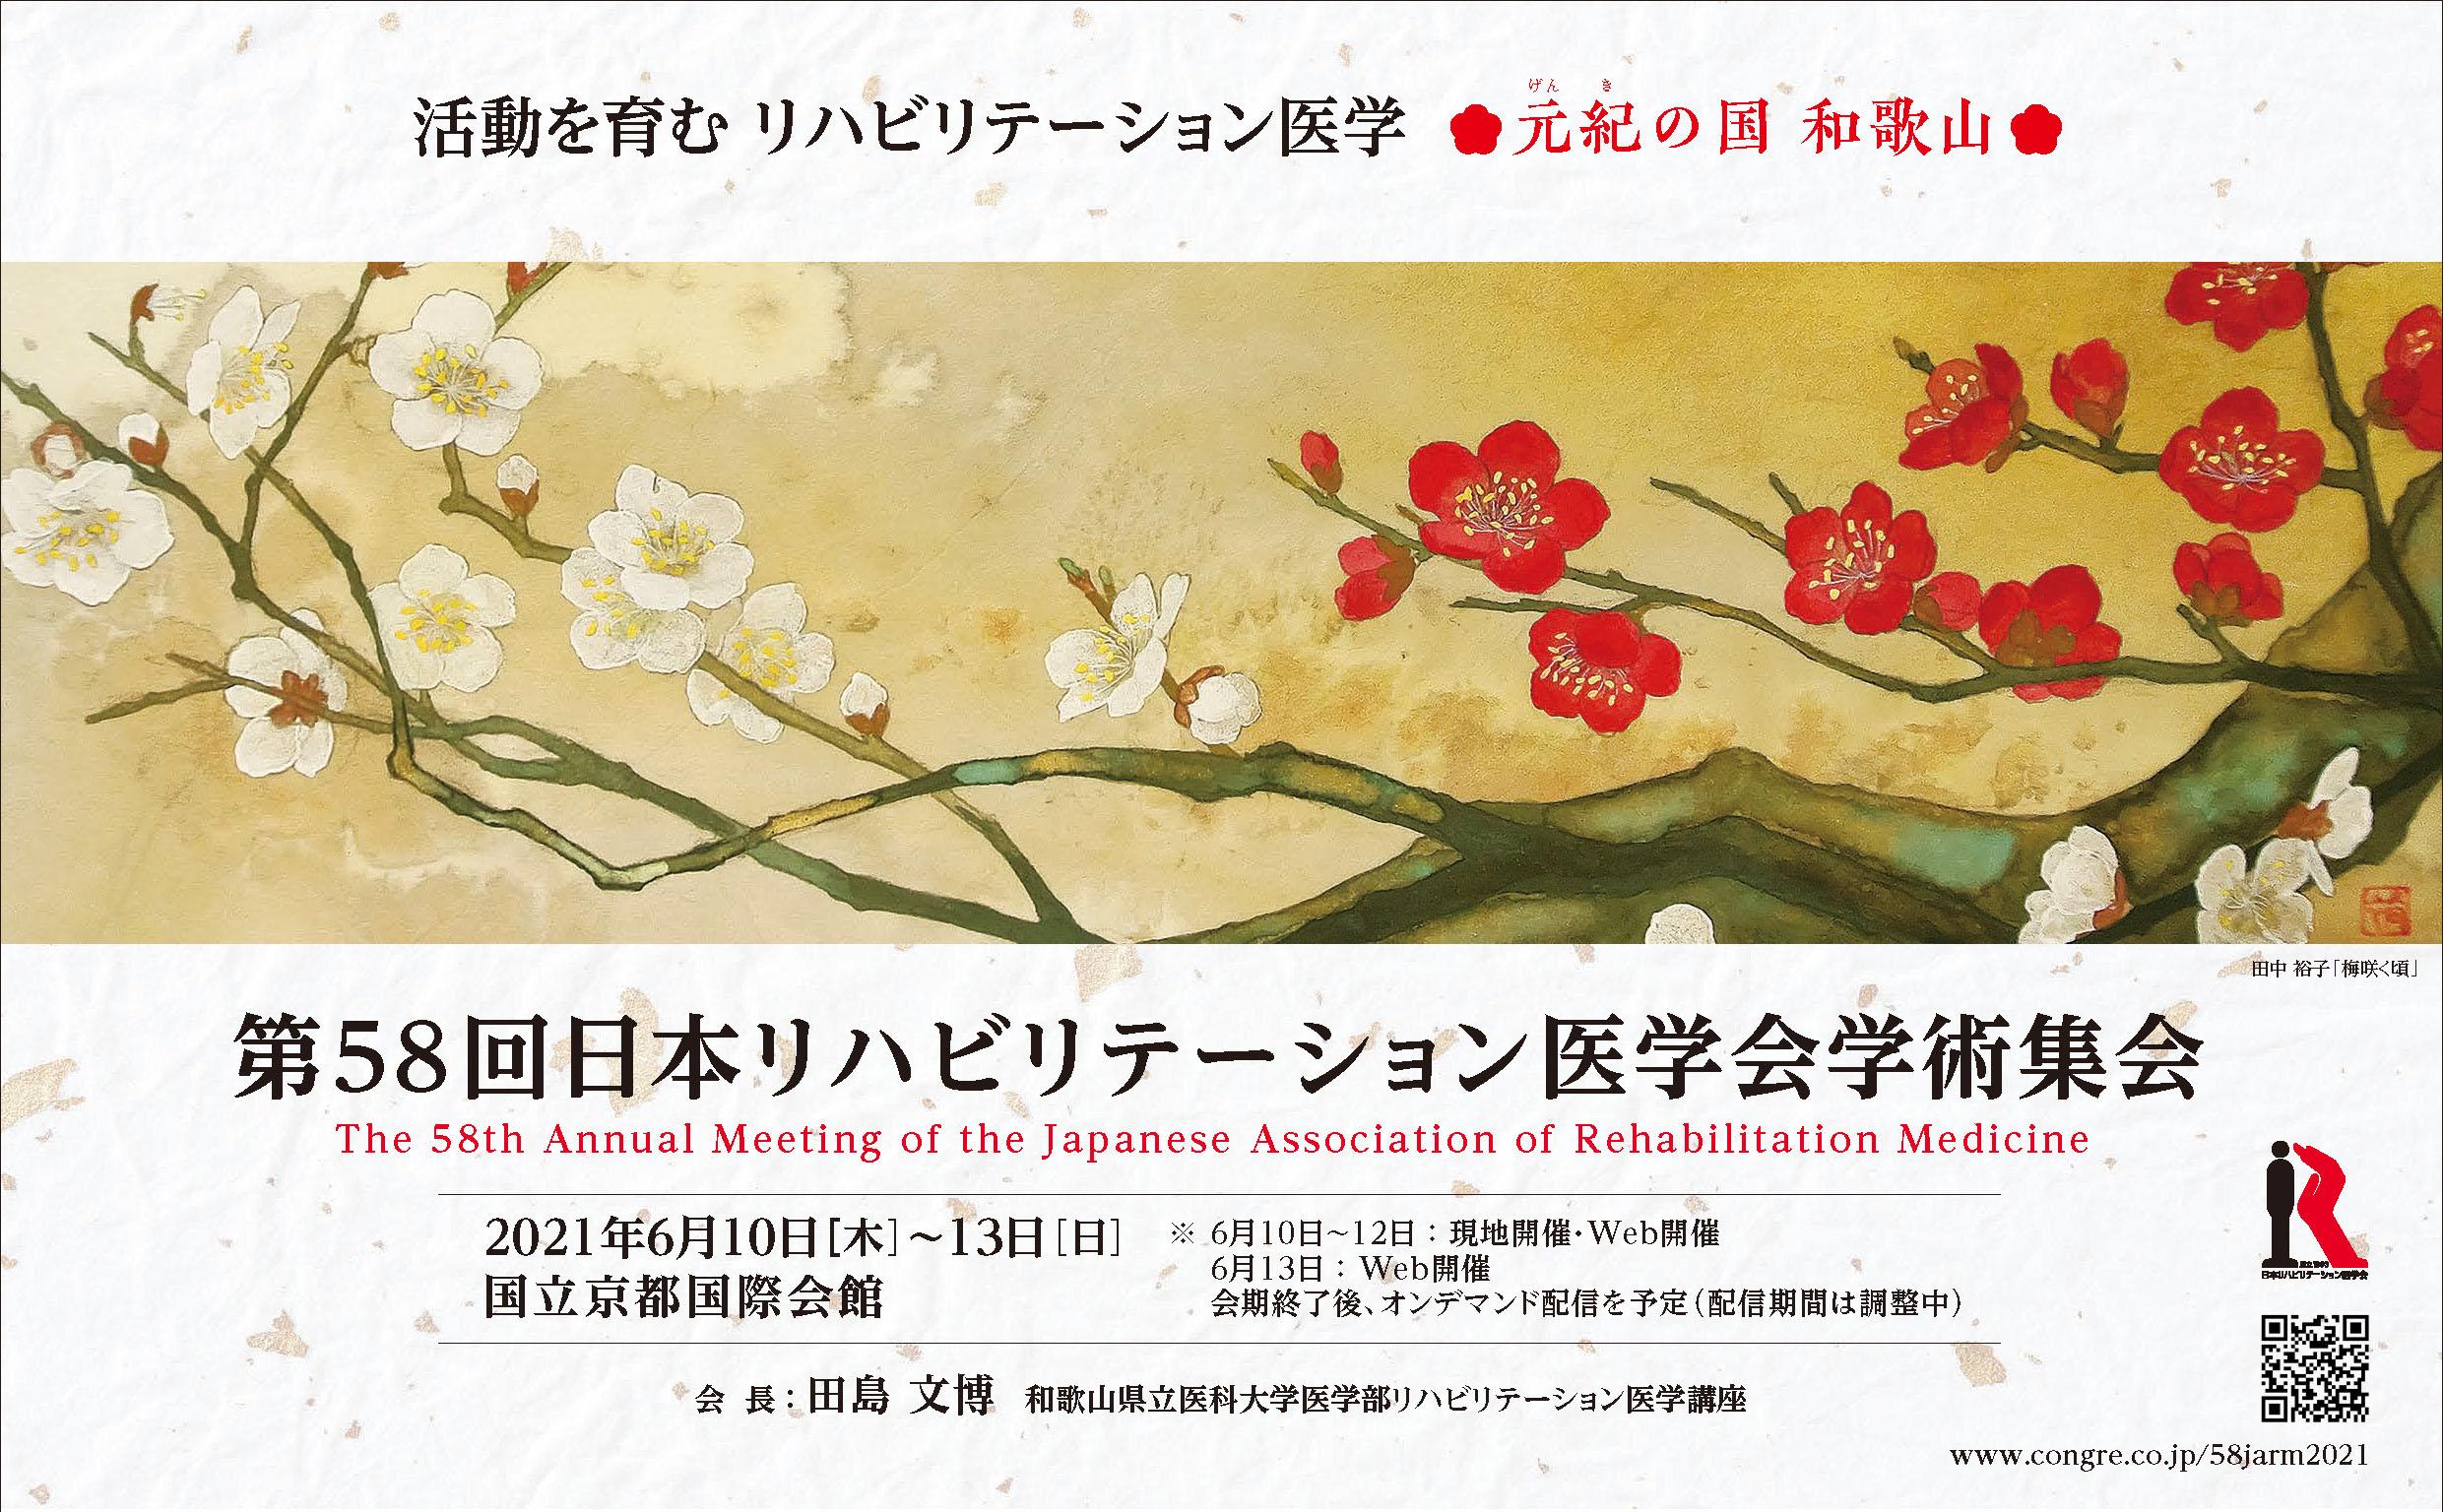 第58回日本リハビリテーション医学会学術集会のお知らせ 2021年6月10日~13日